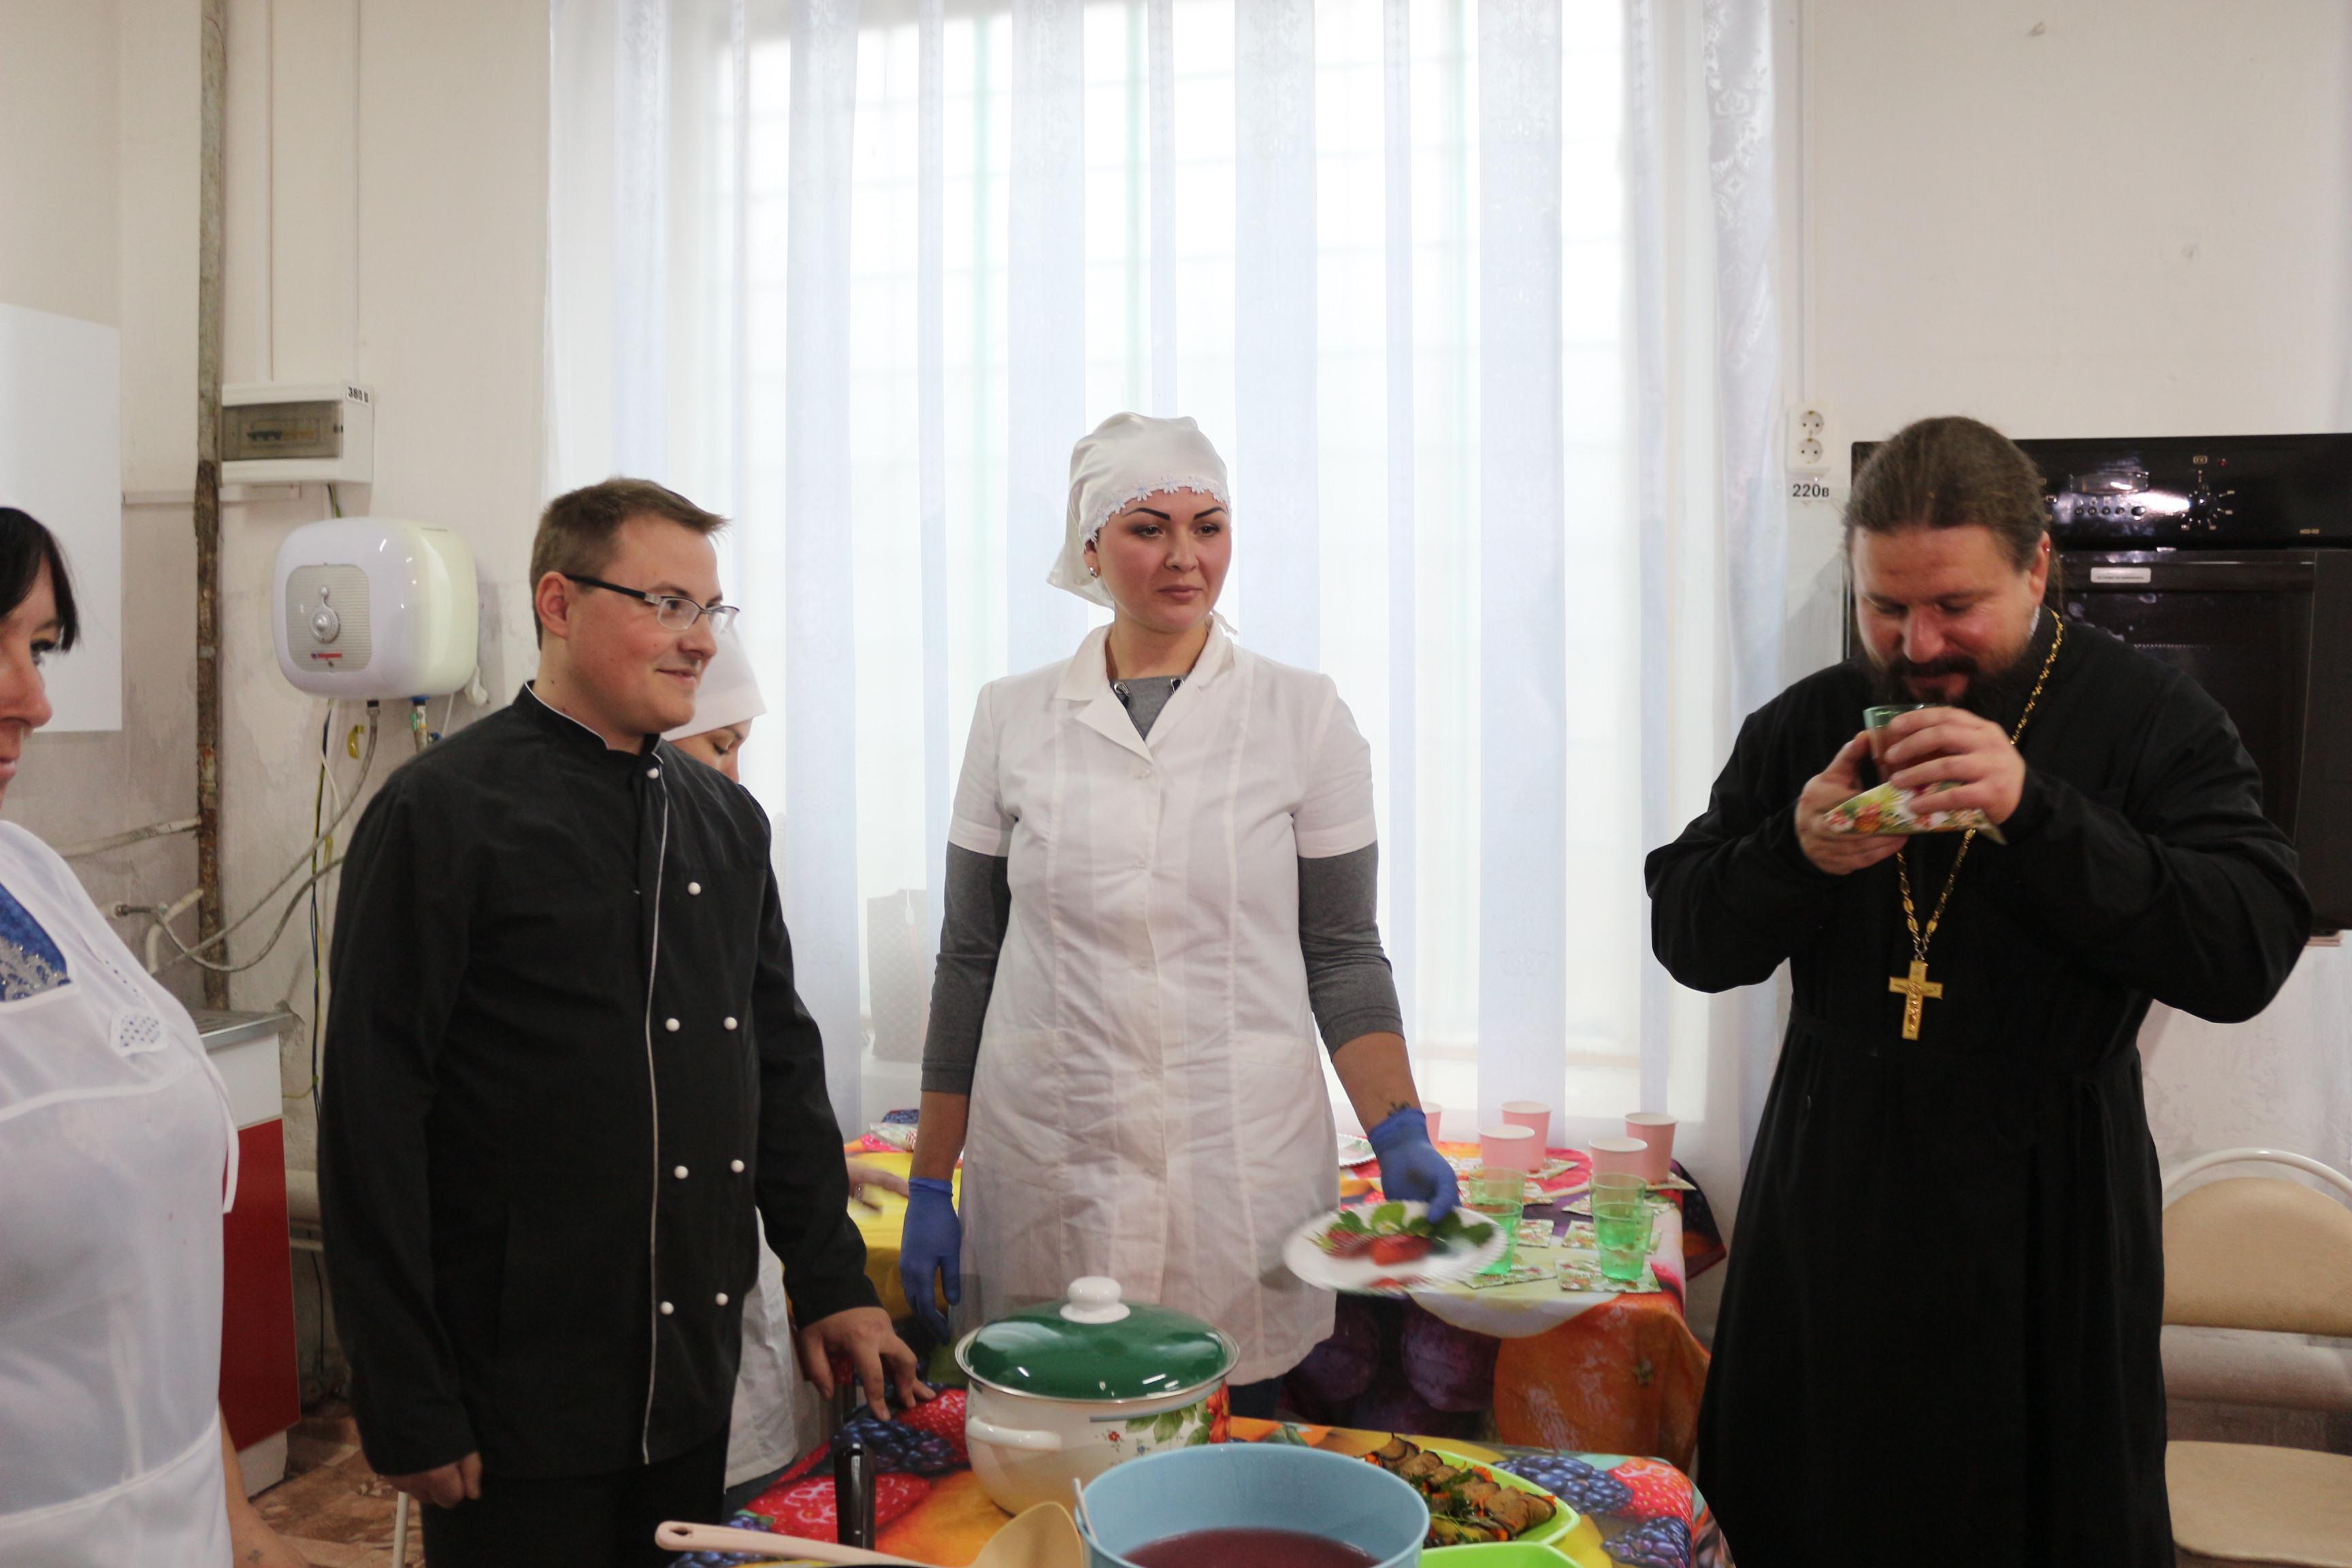 Мастер-класс по православной кулинарии прошел в колонии-поселении № 6 УФСИН России по Республике Адыгея